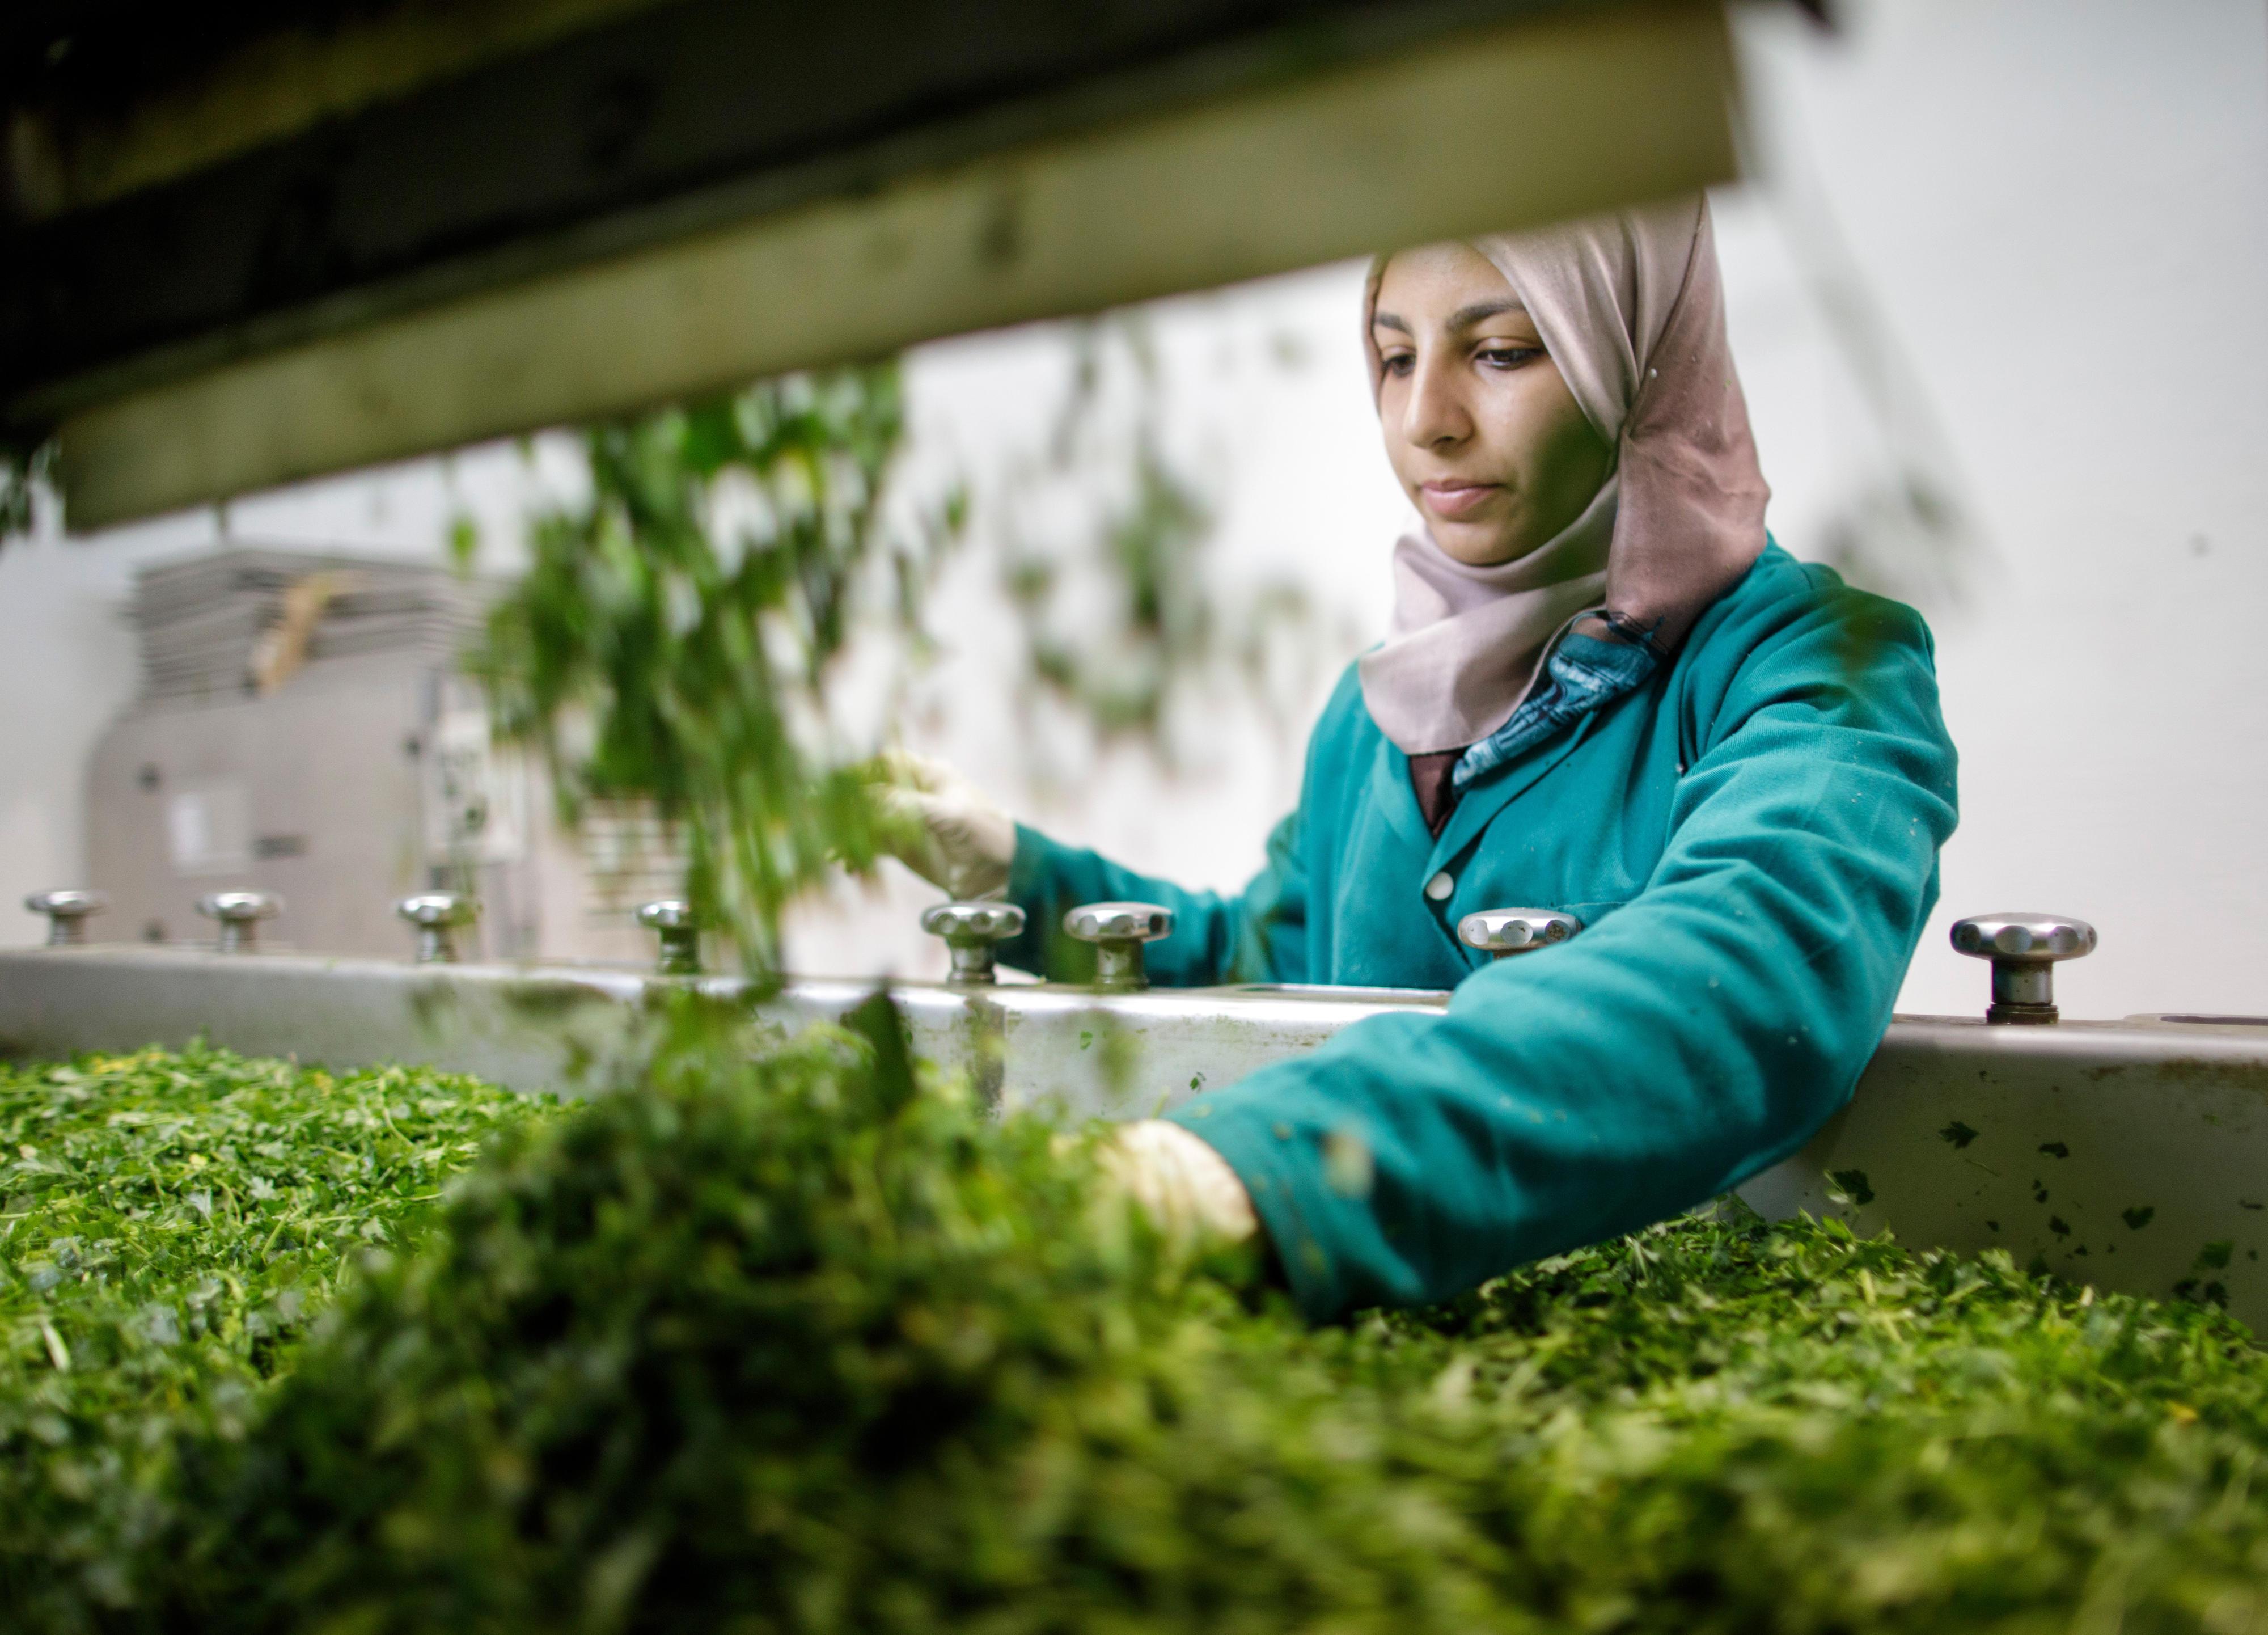 Herstellung von Bio-Trockenkräutern in Tunesien